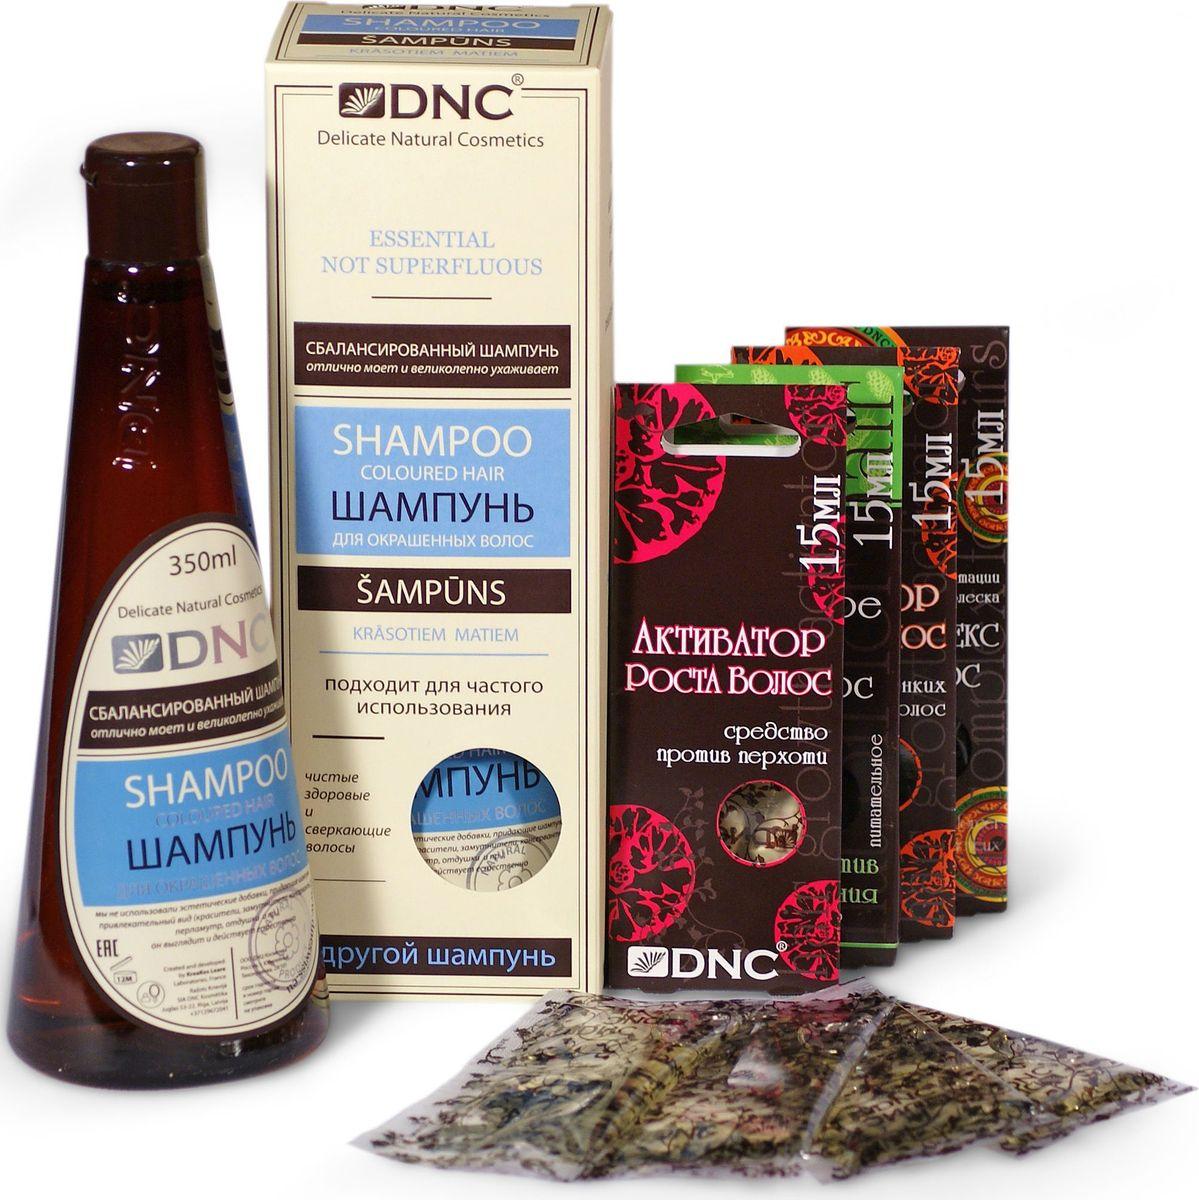 DNC Набор для волос: Шампунь для окрашенных волос, 350 мл, Ореховое масло против выпадения, 15 мл, Биокомплекс для улучшения пигмента, 15 мл, Активатор для тонких и окрашенных, 15 мл, Активатор против перхоти, 15 млFS-36054Активатор для волос против перхоти: Защищает волосы и насыщает их необходимыми витаминами, восстанавливает структуру волос, избавляет их от перхоти, способствуя росту здоровых и сильных волос. Активатор для тонких и окрашенных волос: Уникальное сочетание витаминов и ценных питательных компонентов, содержащихся в экстрактах лука и чеснока оздоравливают кожу головы, улучшают внешний вид и структуру волос. Биокомплекс для волос для улучшения пигментации и усиления блеска: Сбалансированное средство с богатым содержанием природных питательных веществ и экстрактов для улучшения выработки красящего пигмента волос и усиления естественного блеска. Благодаря высокому содержанию сока алоэ, коллагеновому комплексу, экстракту золотого корня, розмарина и крапивы биоактивный комплекс способствует нормализации обменных процессов в кожном покрове головы, насыщает кислородом корни волос и улучшает выработку естественного красящего пигмента, способствуя росту сильных и послушных волос. Ореховое масло для волос против выпадения: С В состав комплекса входят природные масла, тщательно подобранные с учетом взаимодействия содержащихся в них питательных веществ. Сочетание масел обеспечивает быстрое проникновение активных веществ к волосяным луковицам в течение процедуры. Нанесенное на волосы масло глубоко проникает в структуру волос, делая их более гладкими и сильными. После окончания процедуры уже впитавшийся состав продолжает действовать, питая и укрепляя волосы по всей длине. Шампунь для Окрашенных Волос: Встроенные в моющую систему натуральные защитные и восстанавливающие элементы помогают волосам дальше оставаться чистыми, сверкающими и здоровыми. Особое внимание уделено максимально бережному очищению волос. Моющая основа действует мягко, не усугубляя повреждения кут